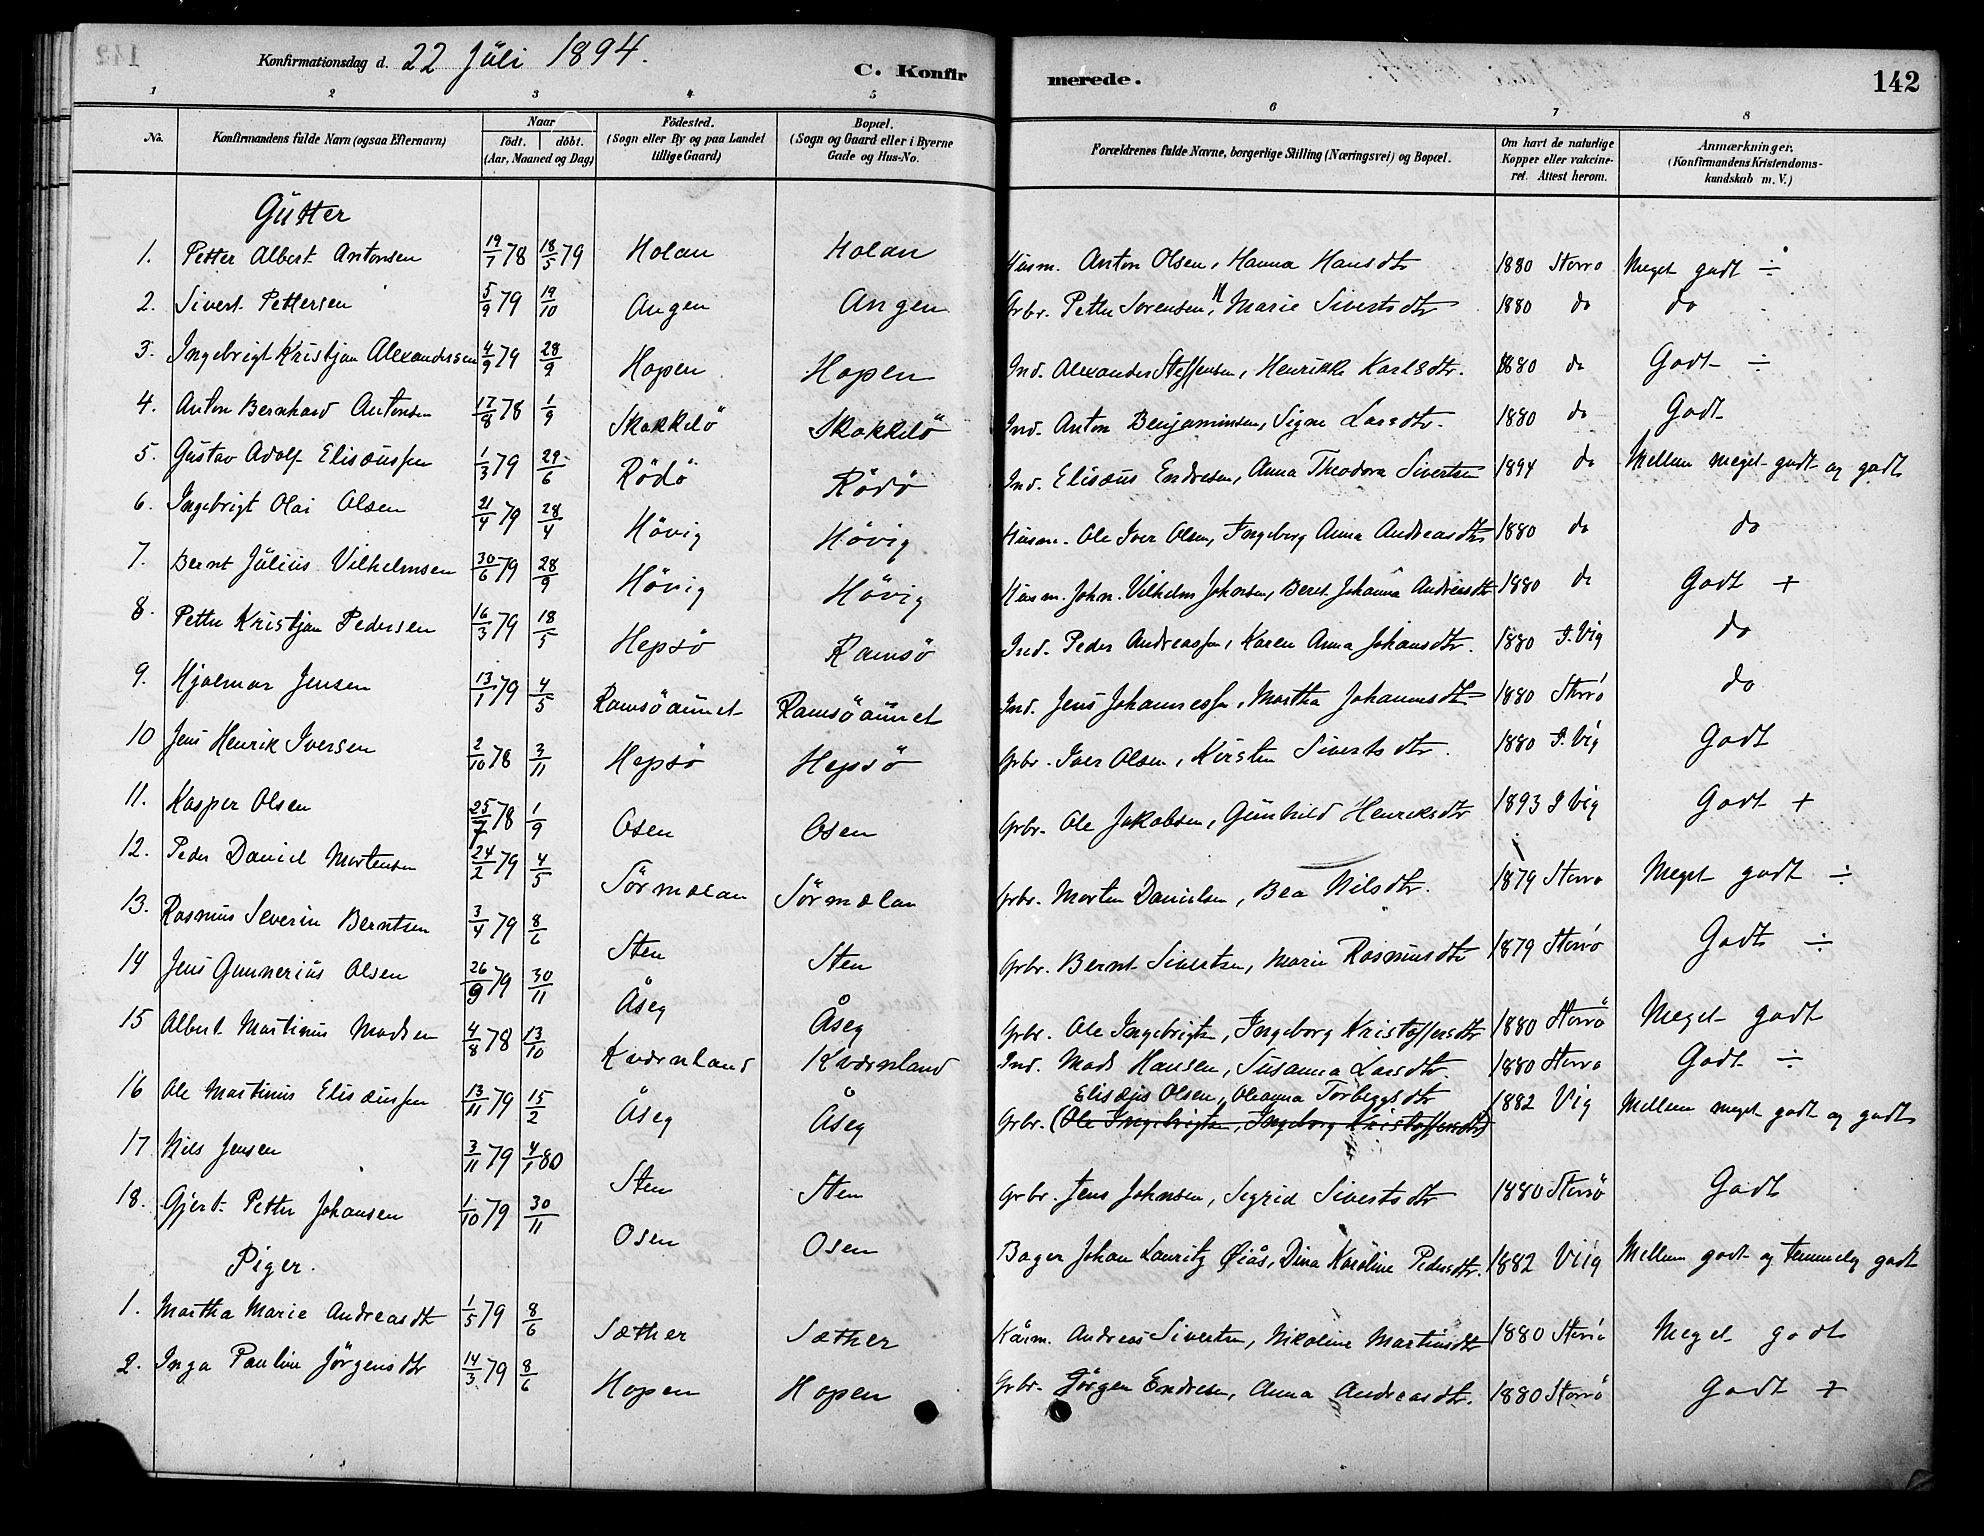 SAT, Ministerialprotokoller, klokkerbøker og fødselsregistre - Sør-Trøndelag, 658/L0722: Ministerialbok nr. 658A01, 1879-1896, s. 142